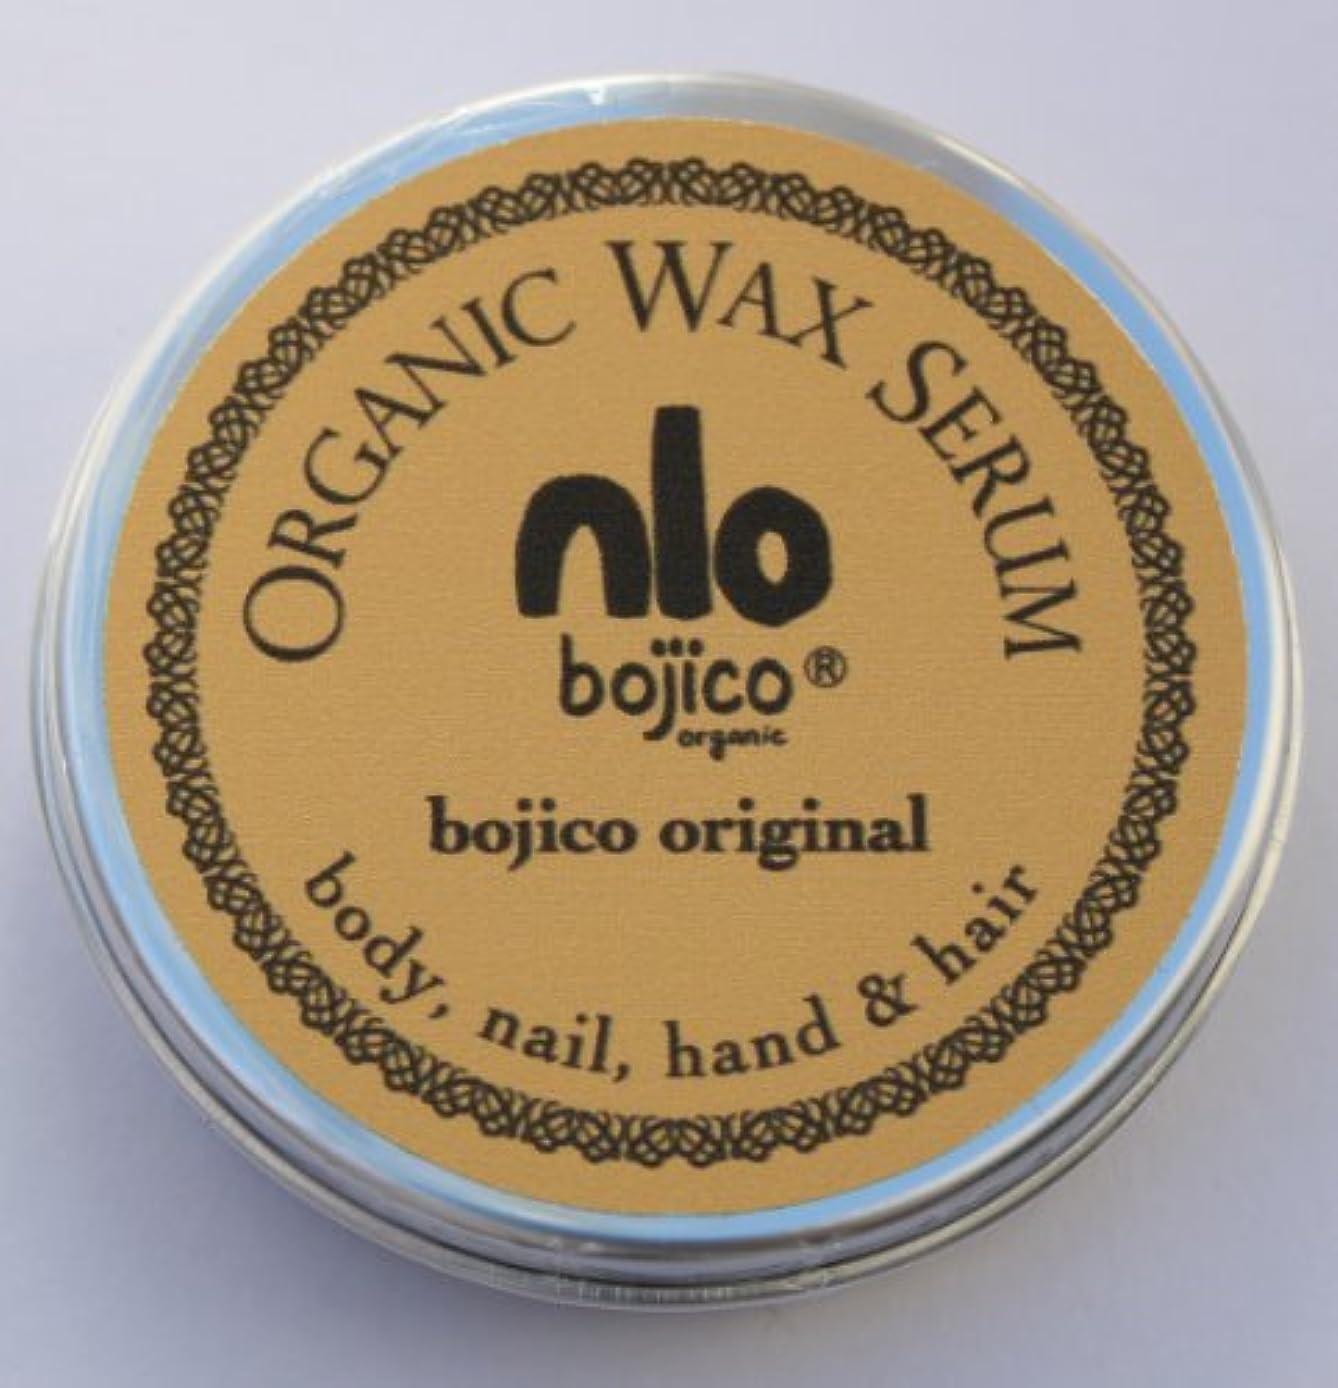 薄いです通り科学的bojico オーガニック ワックス セラム<オリジナル> Organic Wax Serum 40g